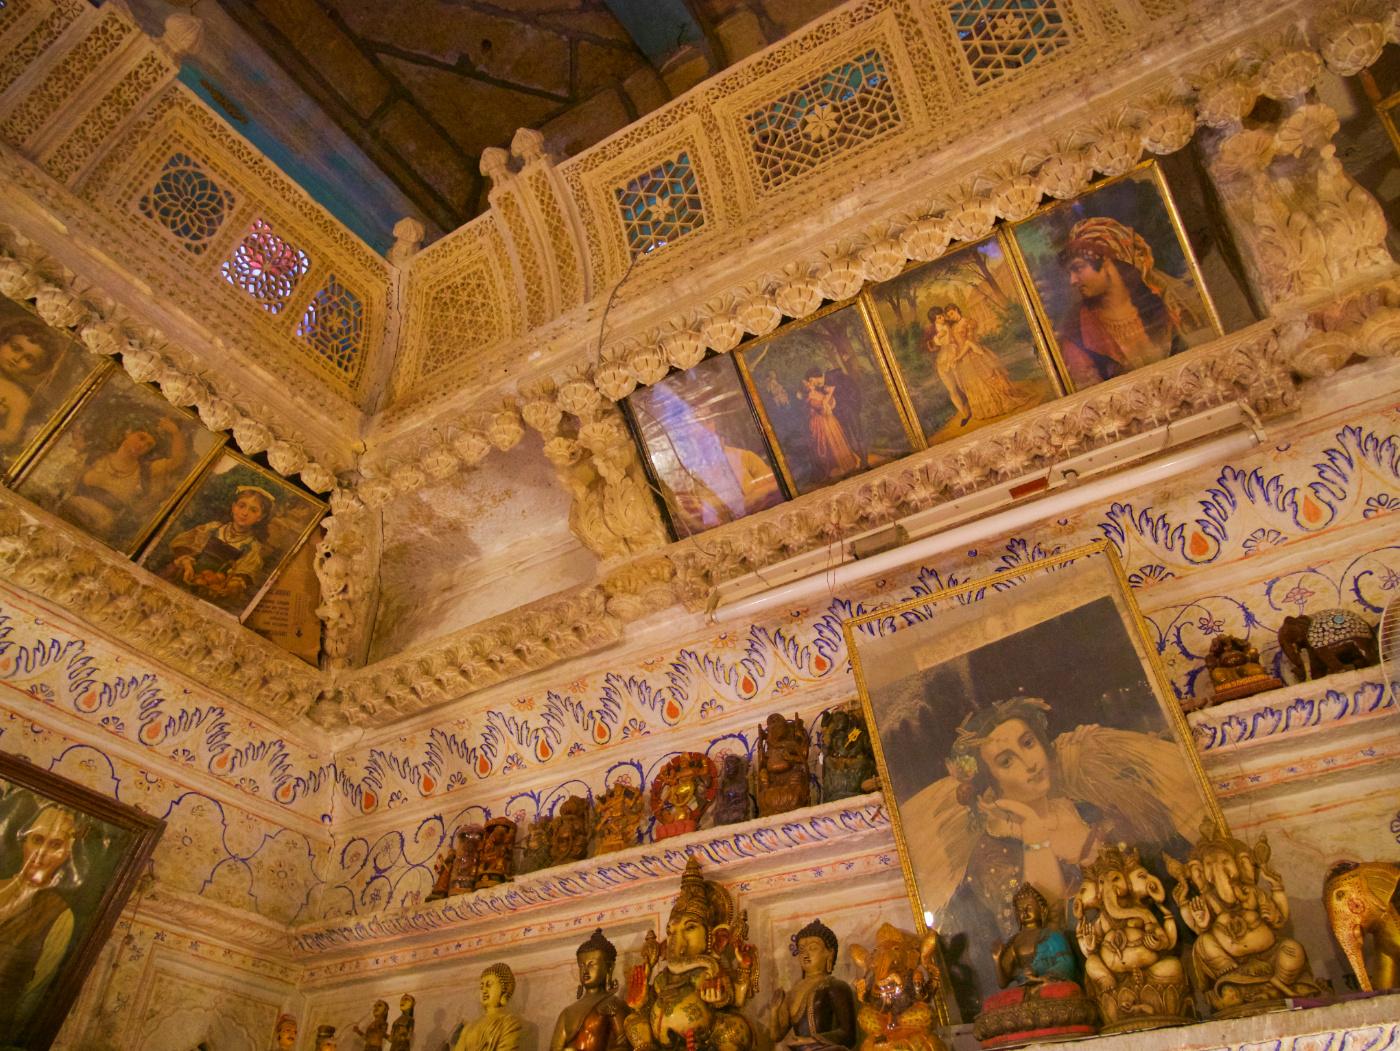 573-India-Jaisalmer